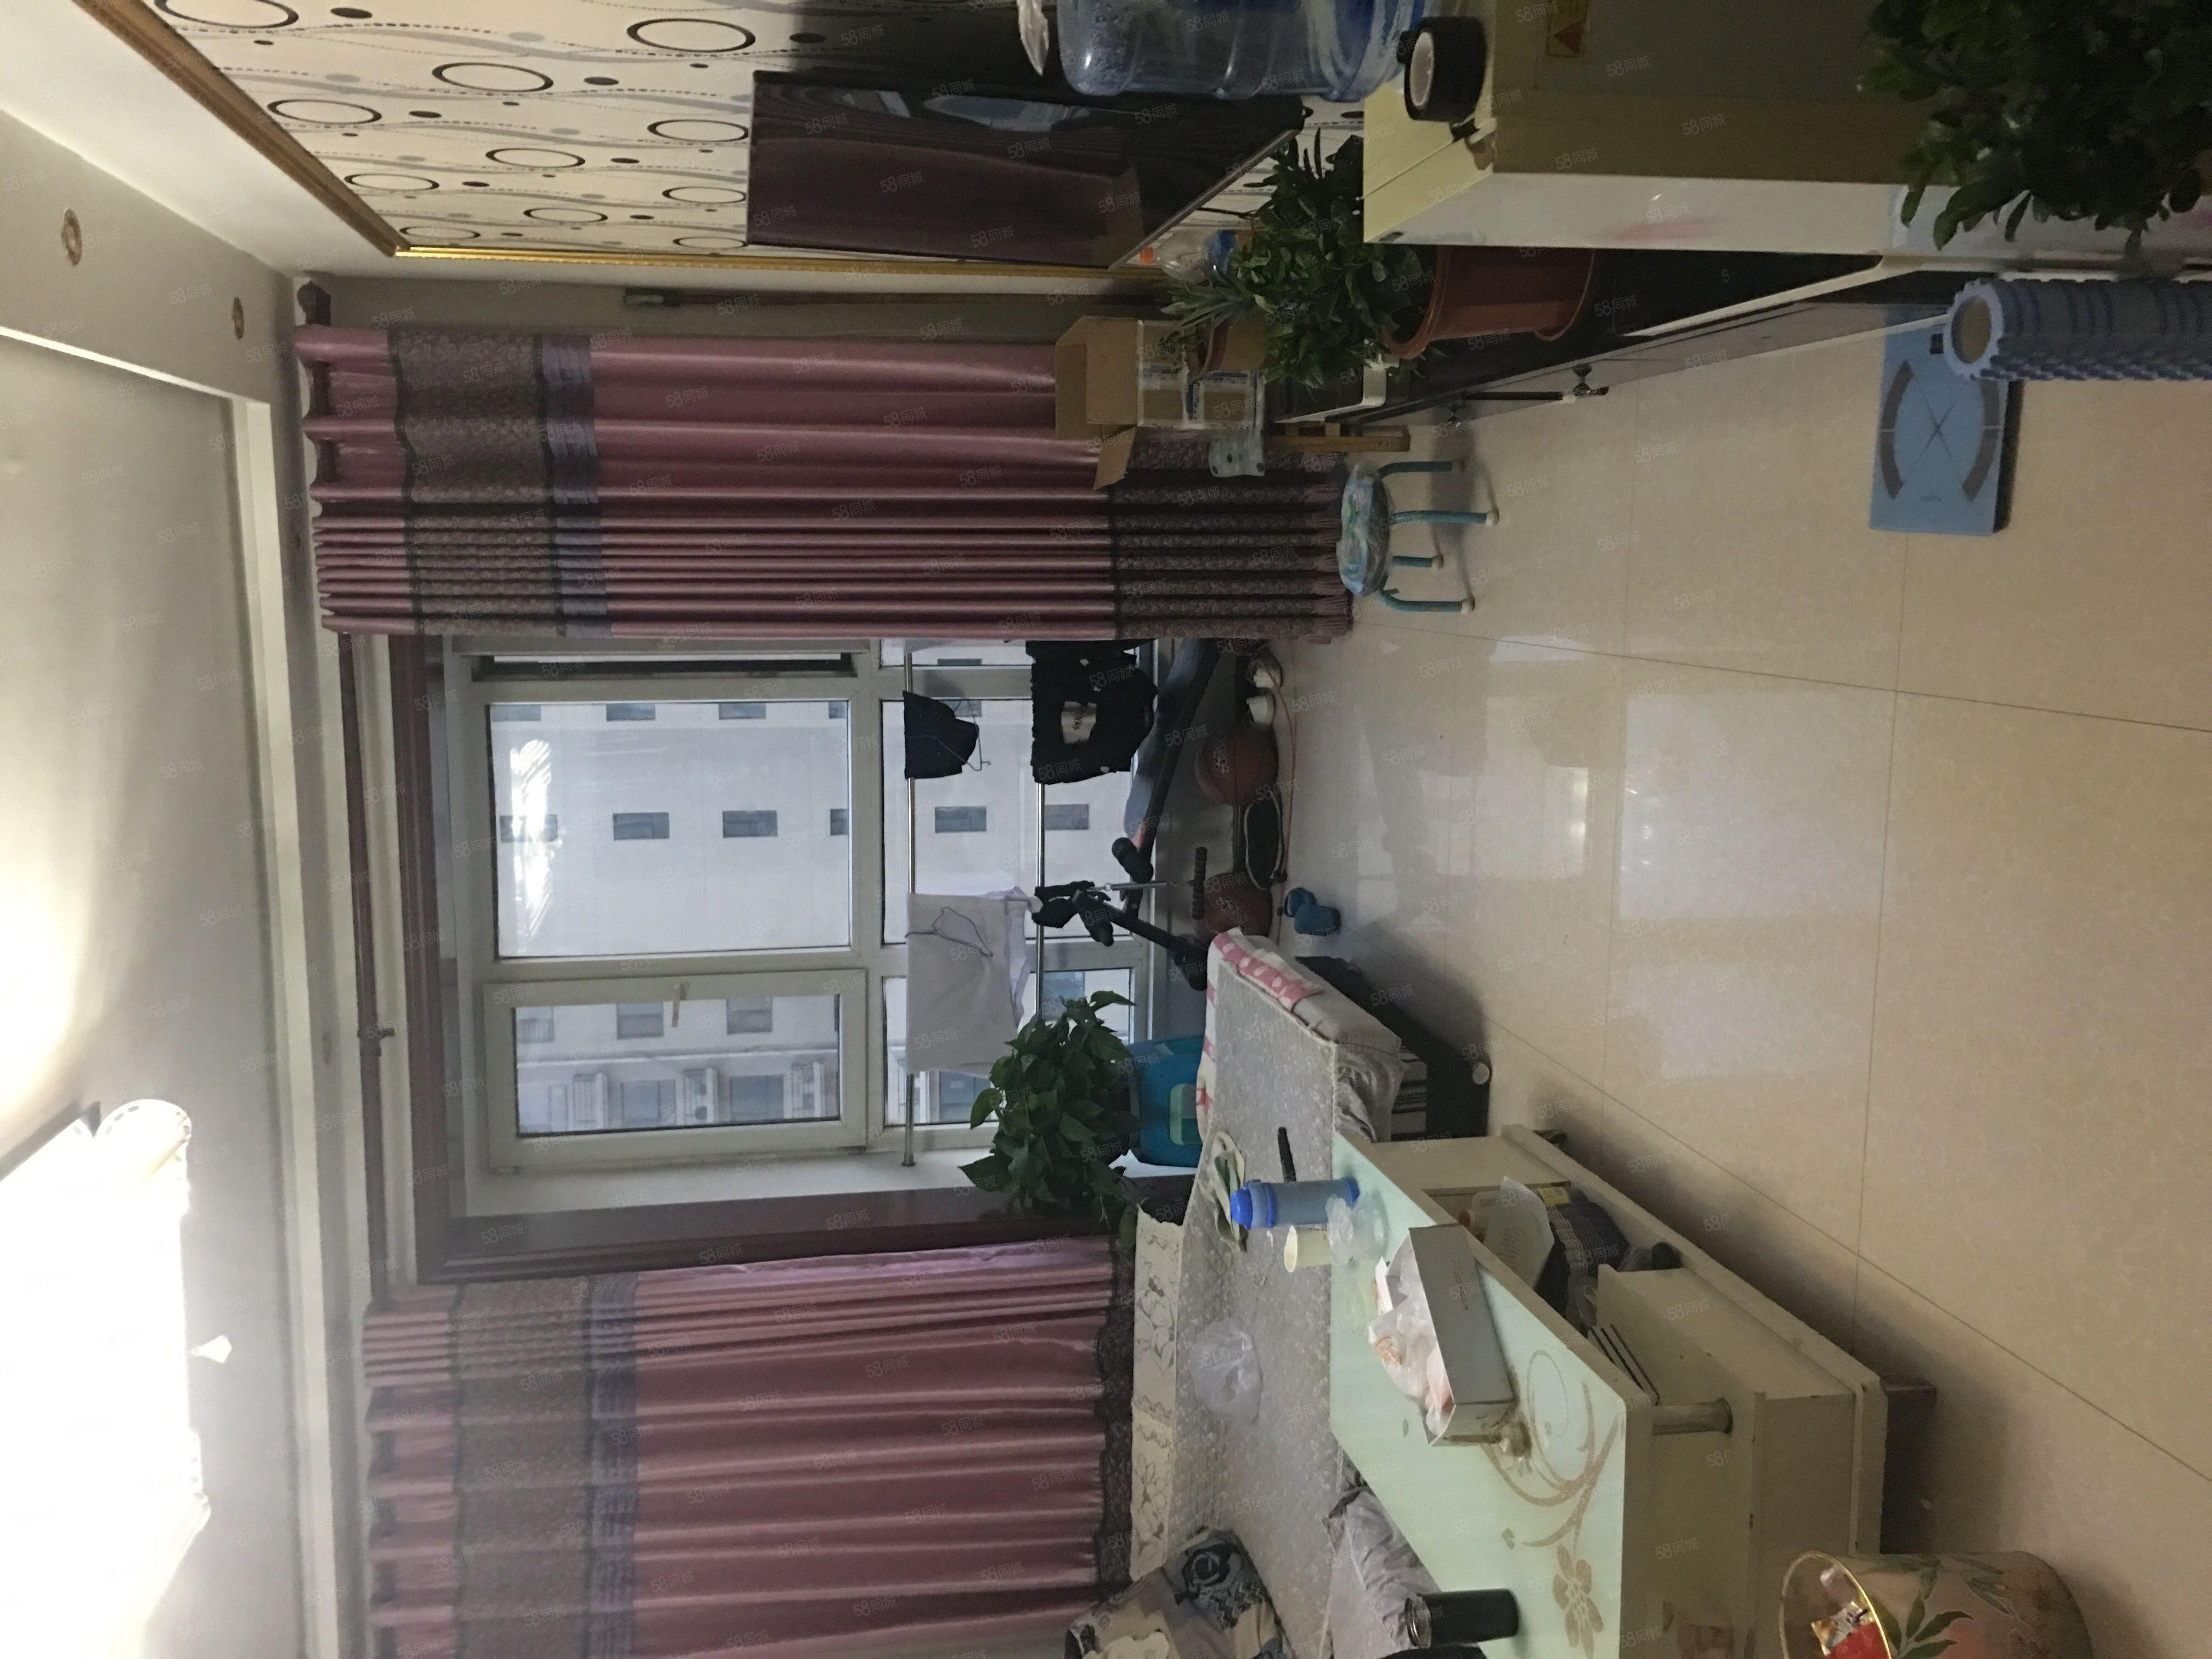 急售泰古香槟郡房子一套,带所有家具家电,精装拎包住